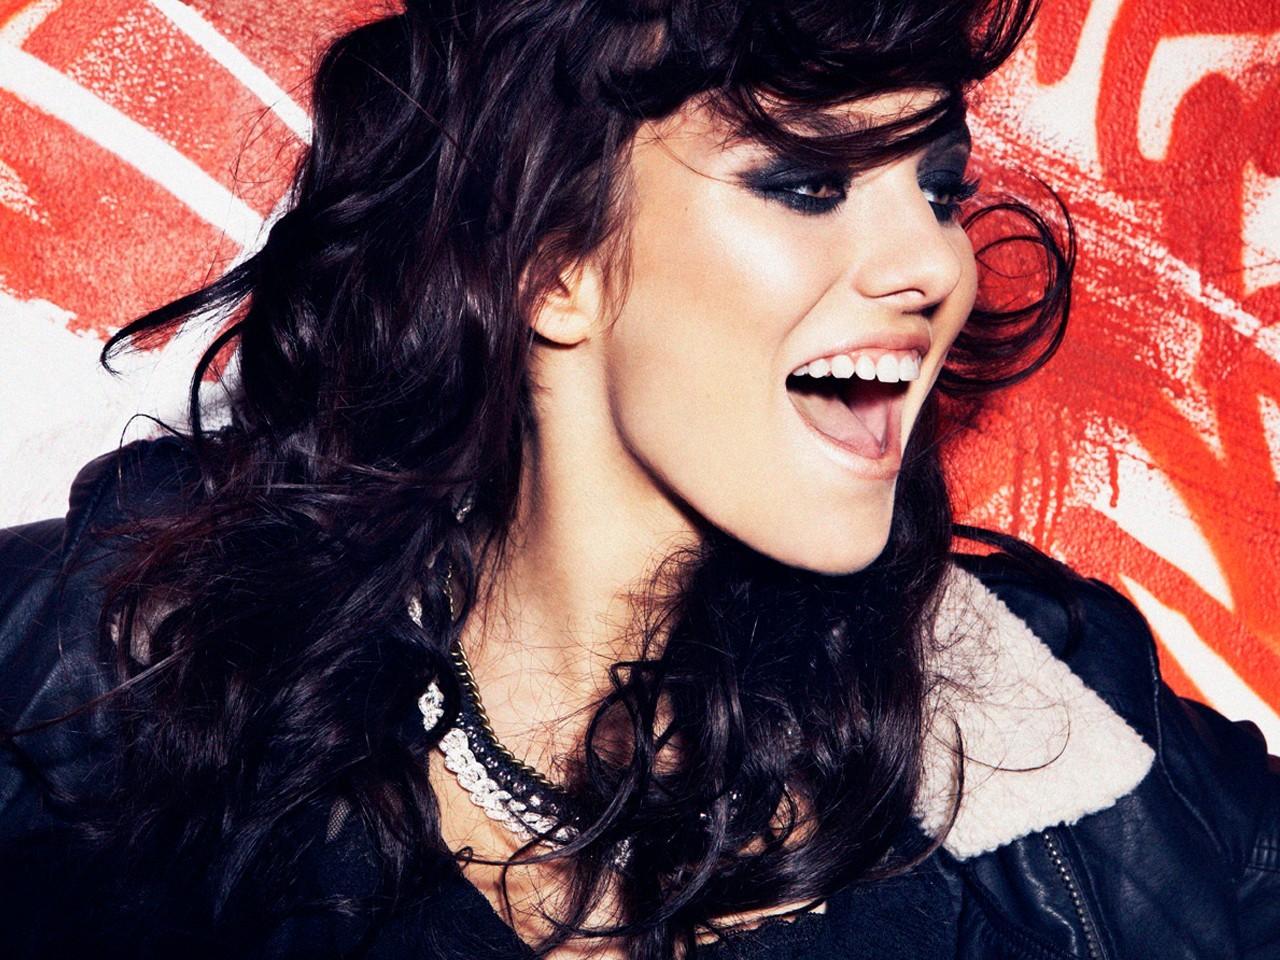 face long hair brunette model ewa farna women open mouth